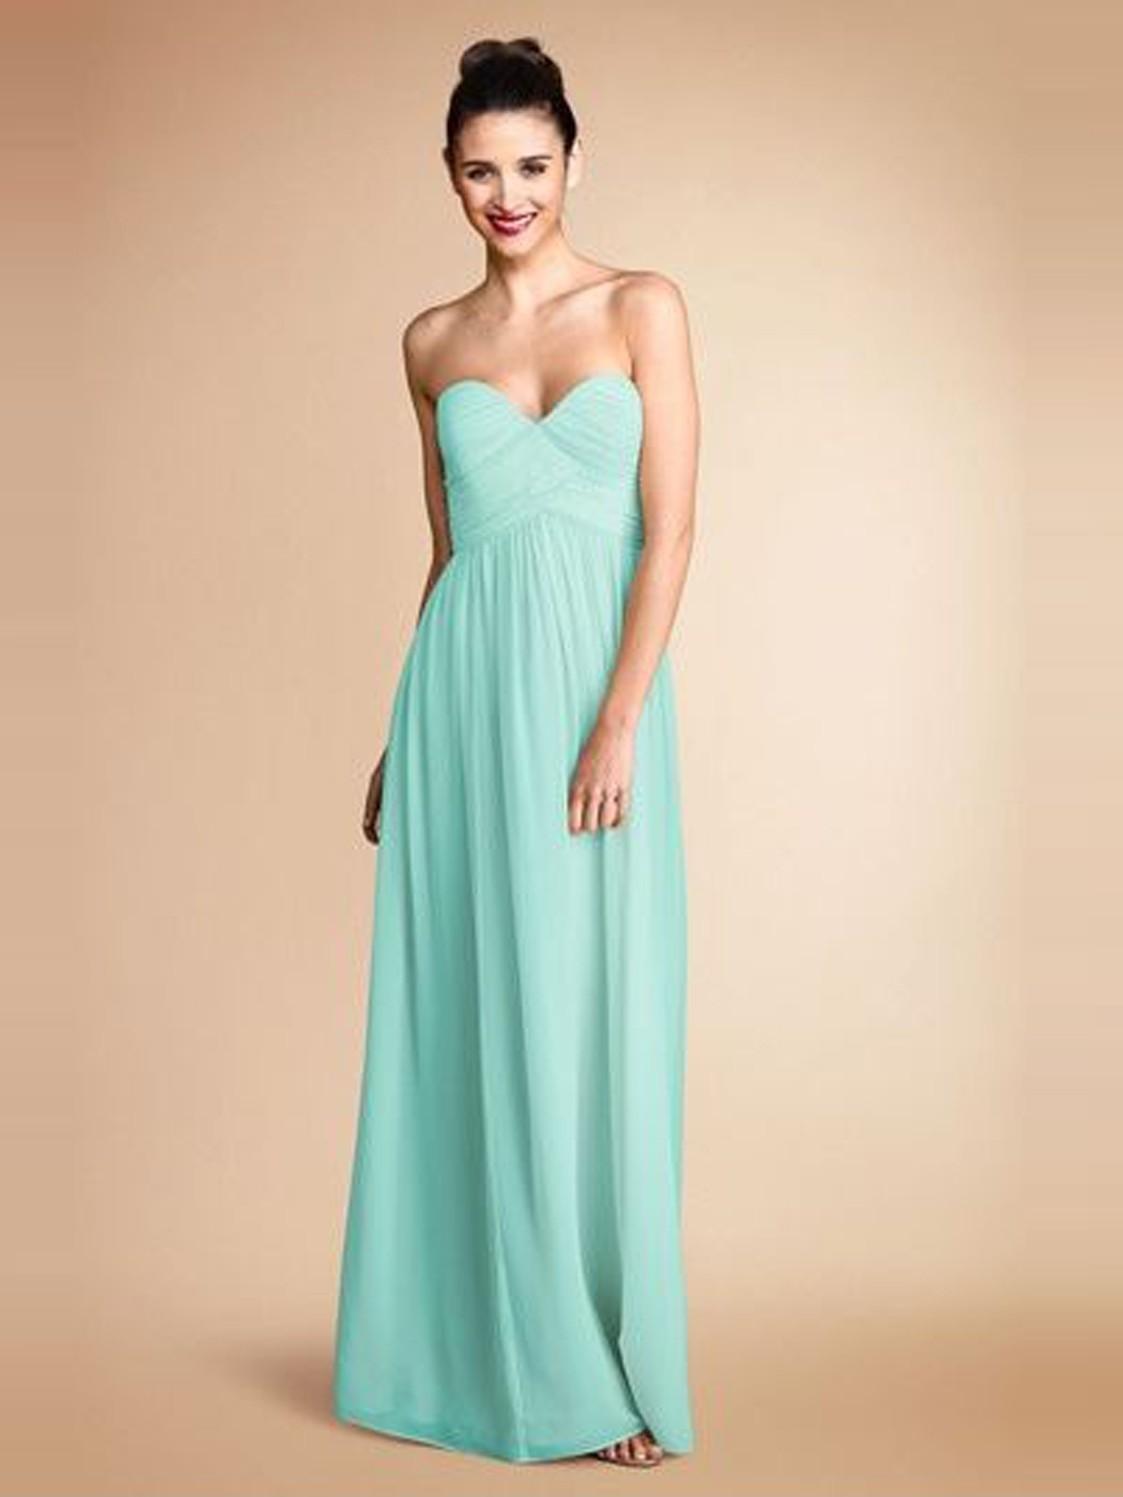 chiffon bridesmaid dresses ekclrmu